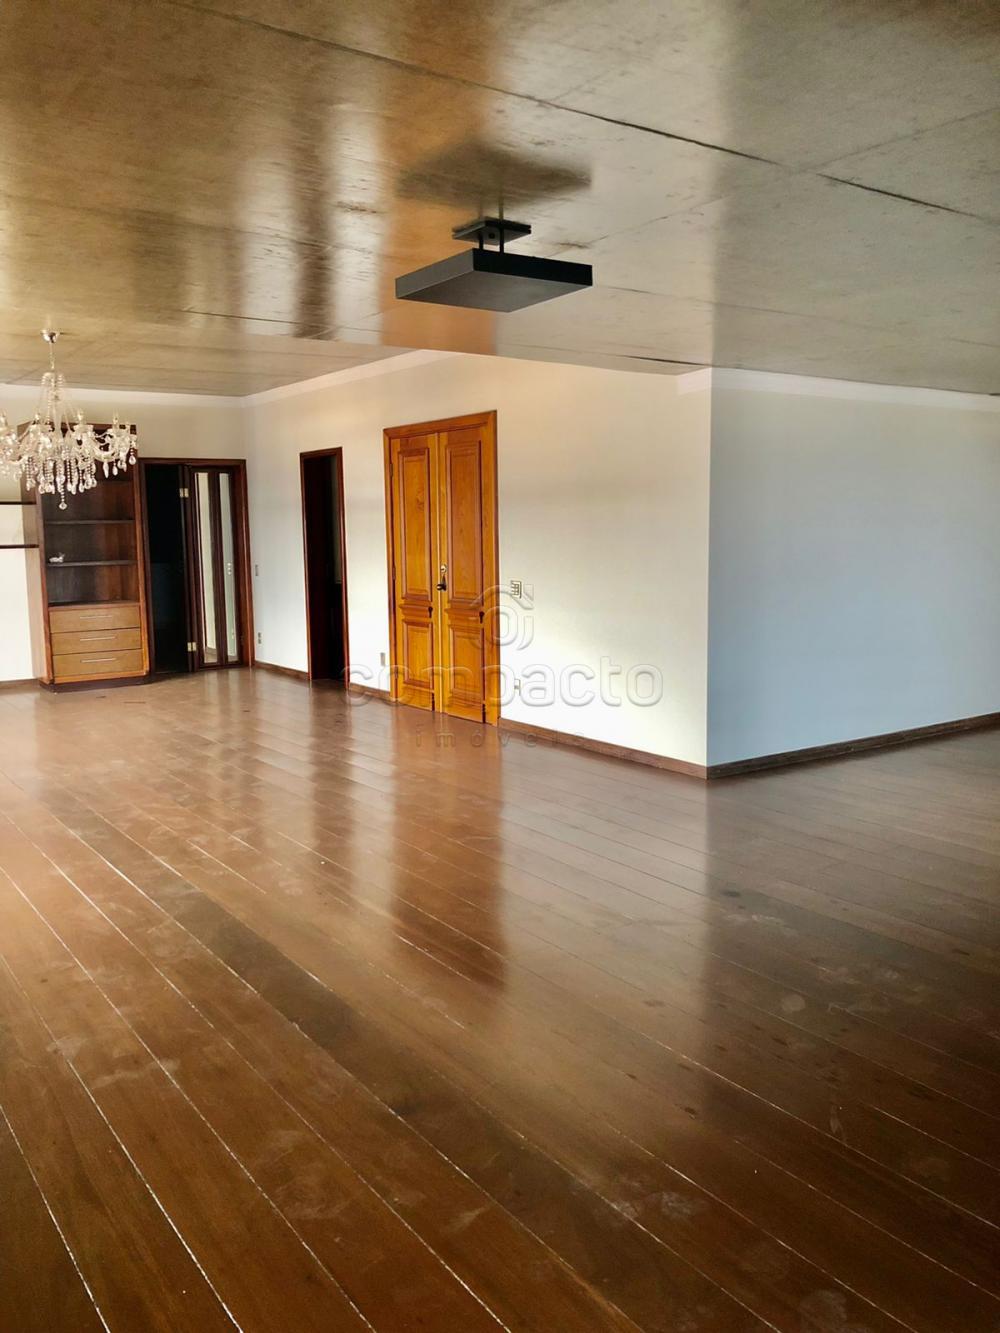 Alugar Apartamento / Padrão em São José do Rio Preto R$ 2.500,00 - Foto 5